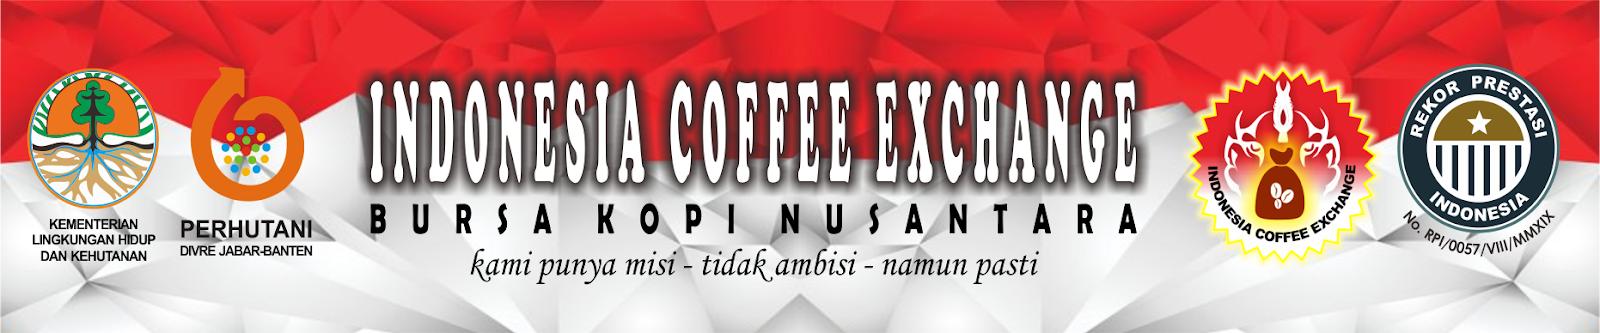 Indonesia Coffee Exchange